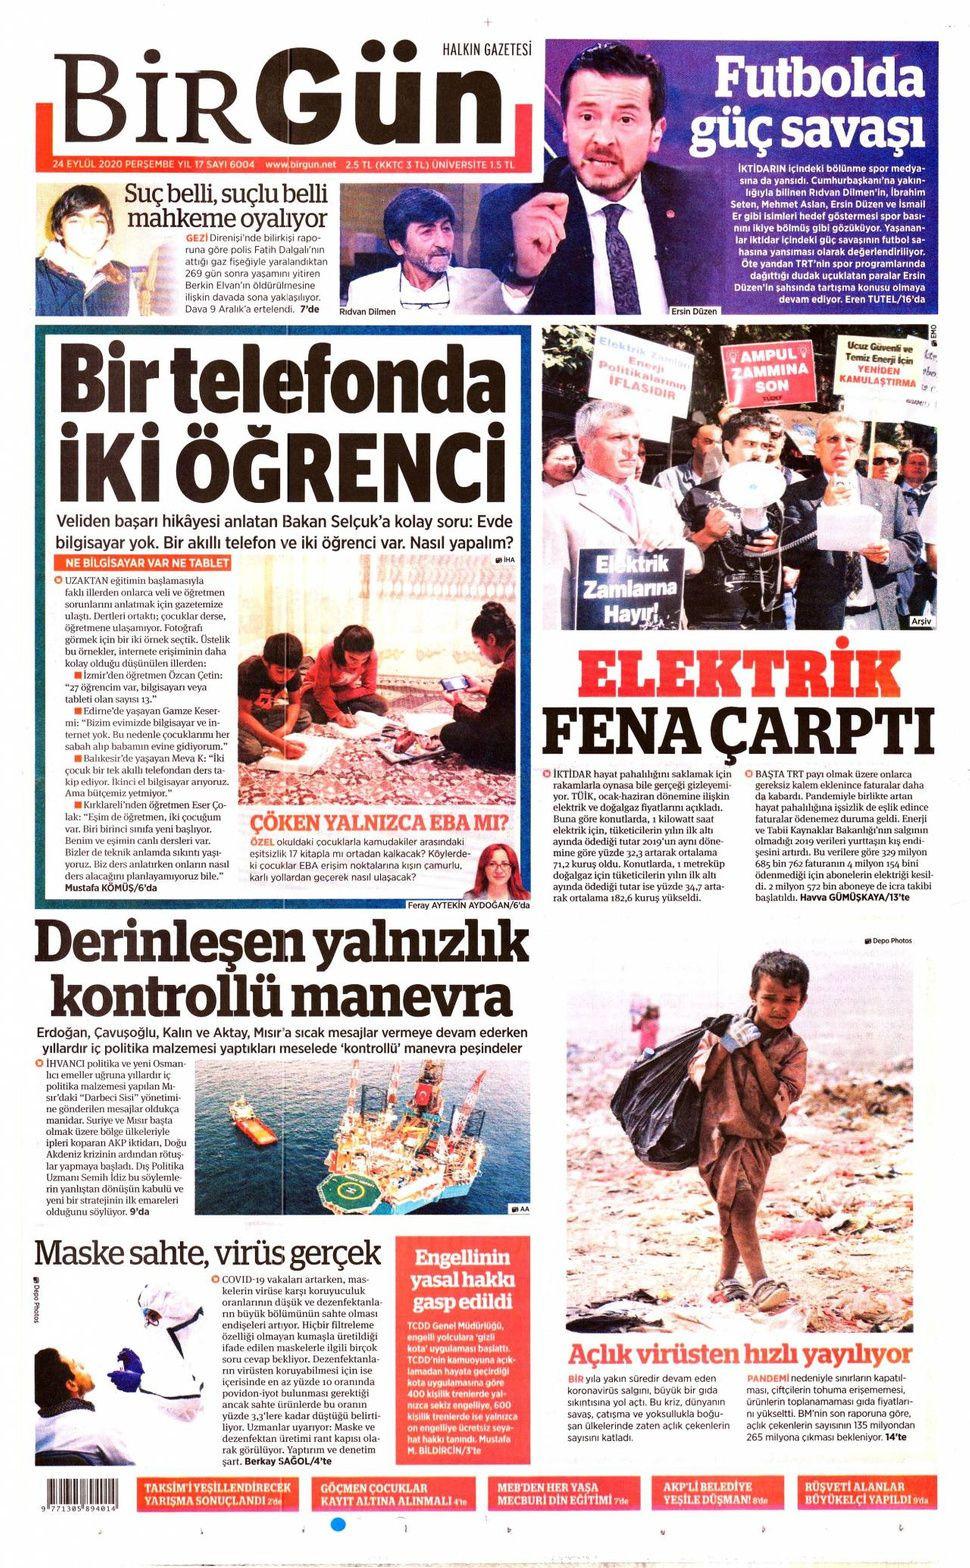 24 Eylül 2020 gazete manşetleri! - Sayfa 4